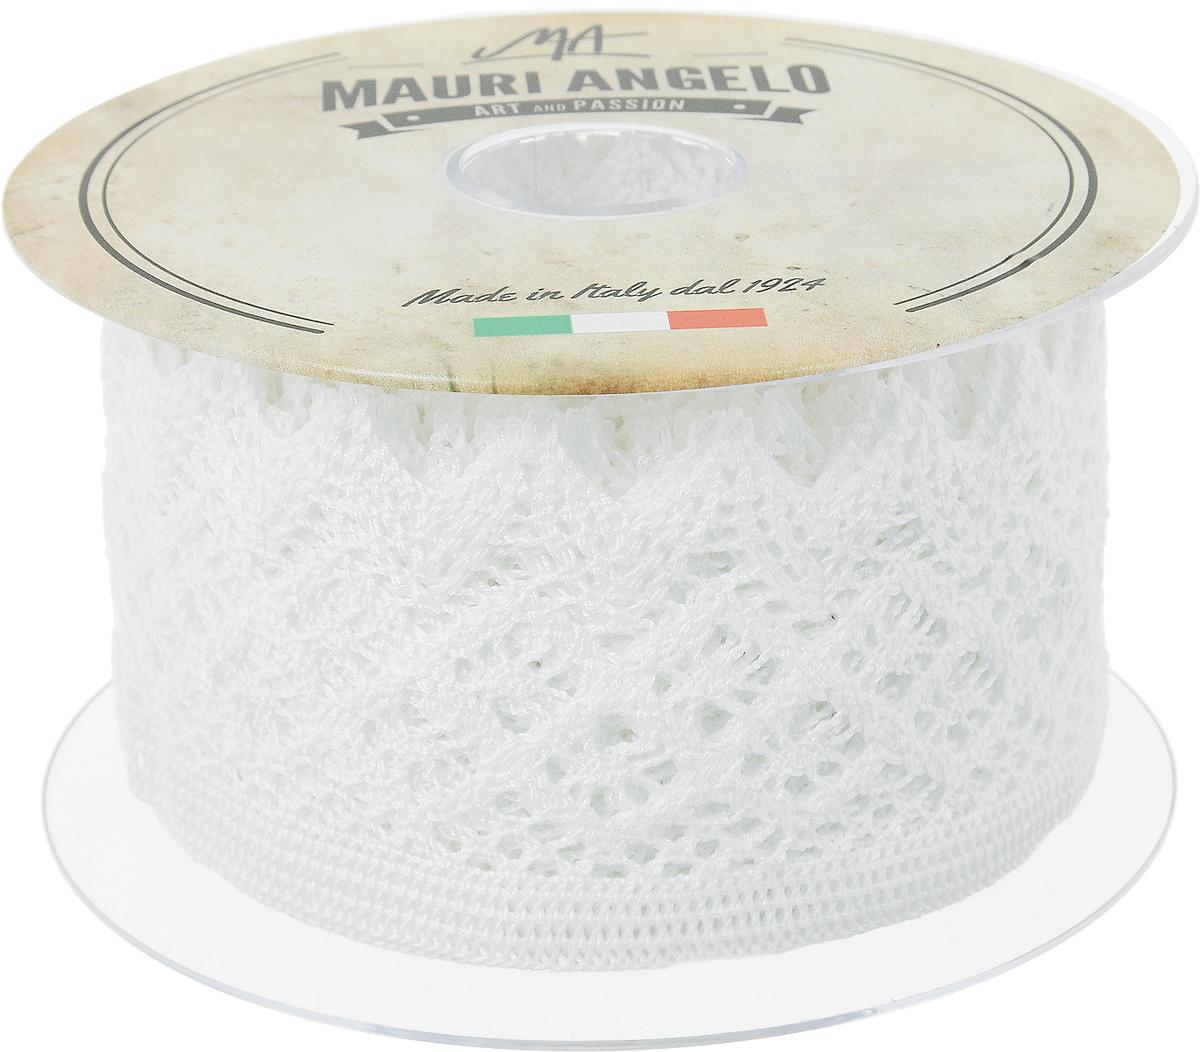 Лента кружевная Mauri Angelo, цвет: белый, 5,9 см х 10 мMR4133_белыйДекоративная кружевная лента Mauri Angelo - текстильное изделие без тканой основы, в котором ажурный орнамент и изображения образуются в результате переплетения нитей. Кружево применяется для отделки одежды, белья в виде окаймления или вставок, а также в оформлении интерьера, декоративных панно, скатертей, тюлей, покрывал. Главные особенности кружева - воздушность, тонкость, эластичность, узорность.Декоративная кружевная лента Mauri Angelo станет незаменимым элементом в создании рукотворного шедевра. Ширина: 5,9 см.Длина: 10 м.